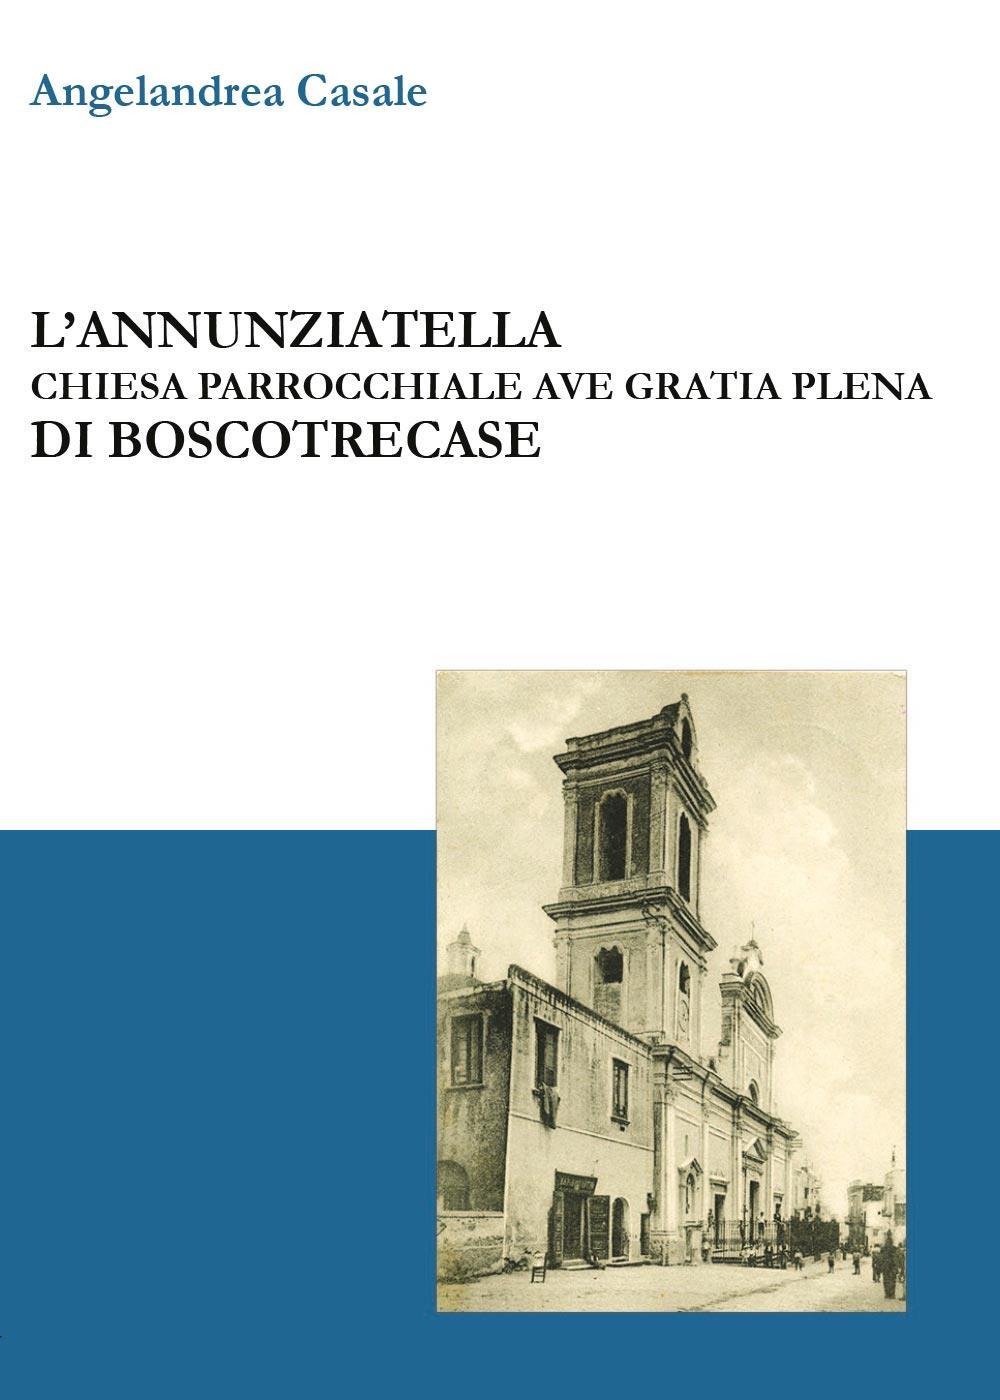 L'Annunziatella - Chiesa parrocchiale Ave Gratia Plena di Boscotrecase